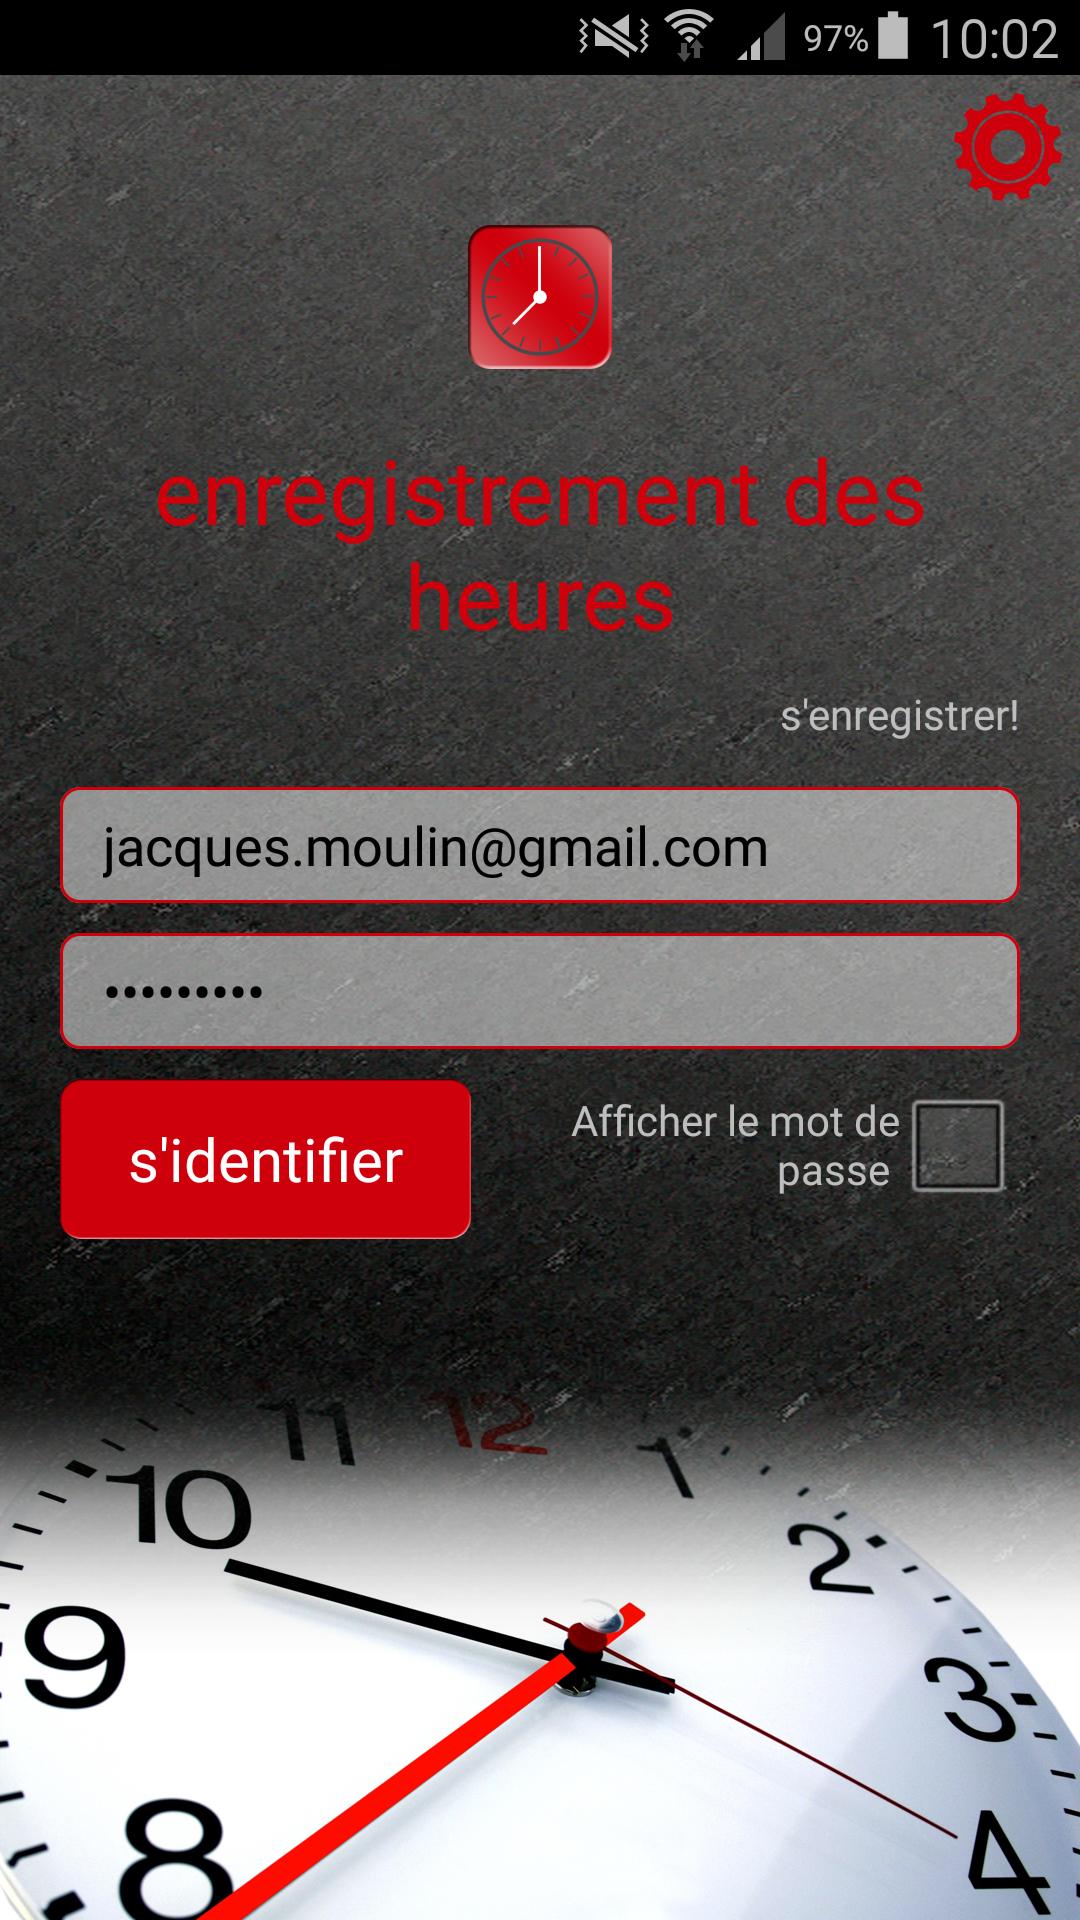 ginstr_app_timeRecording_FR_1